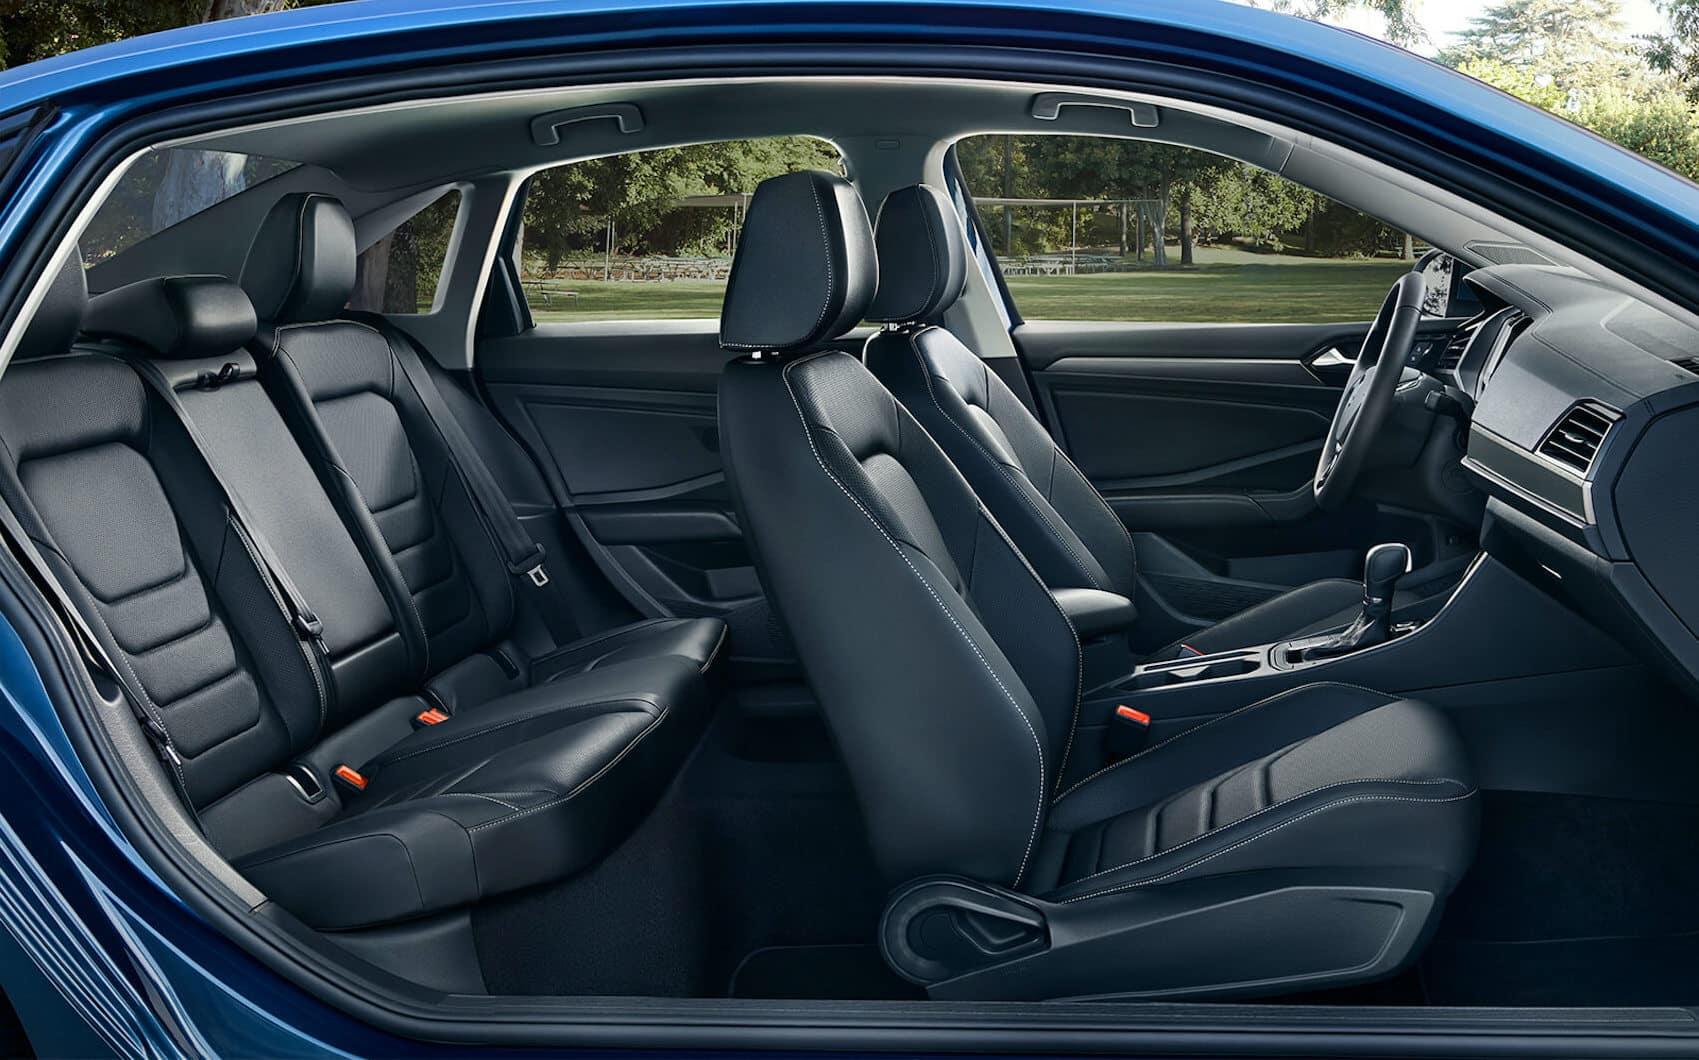 VW Jetta vs VW Passat: Interior